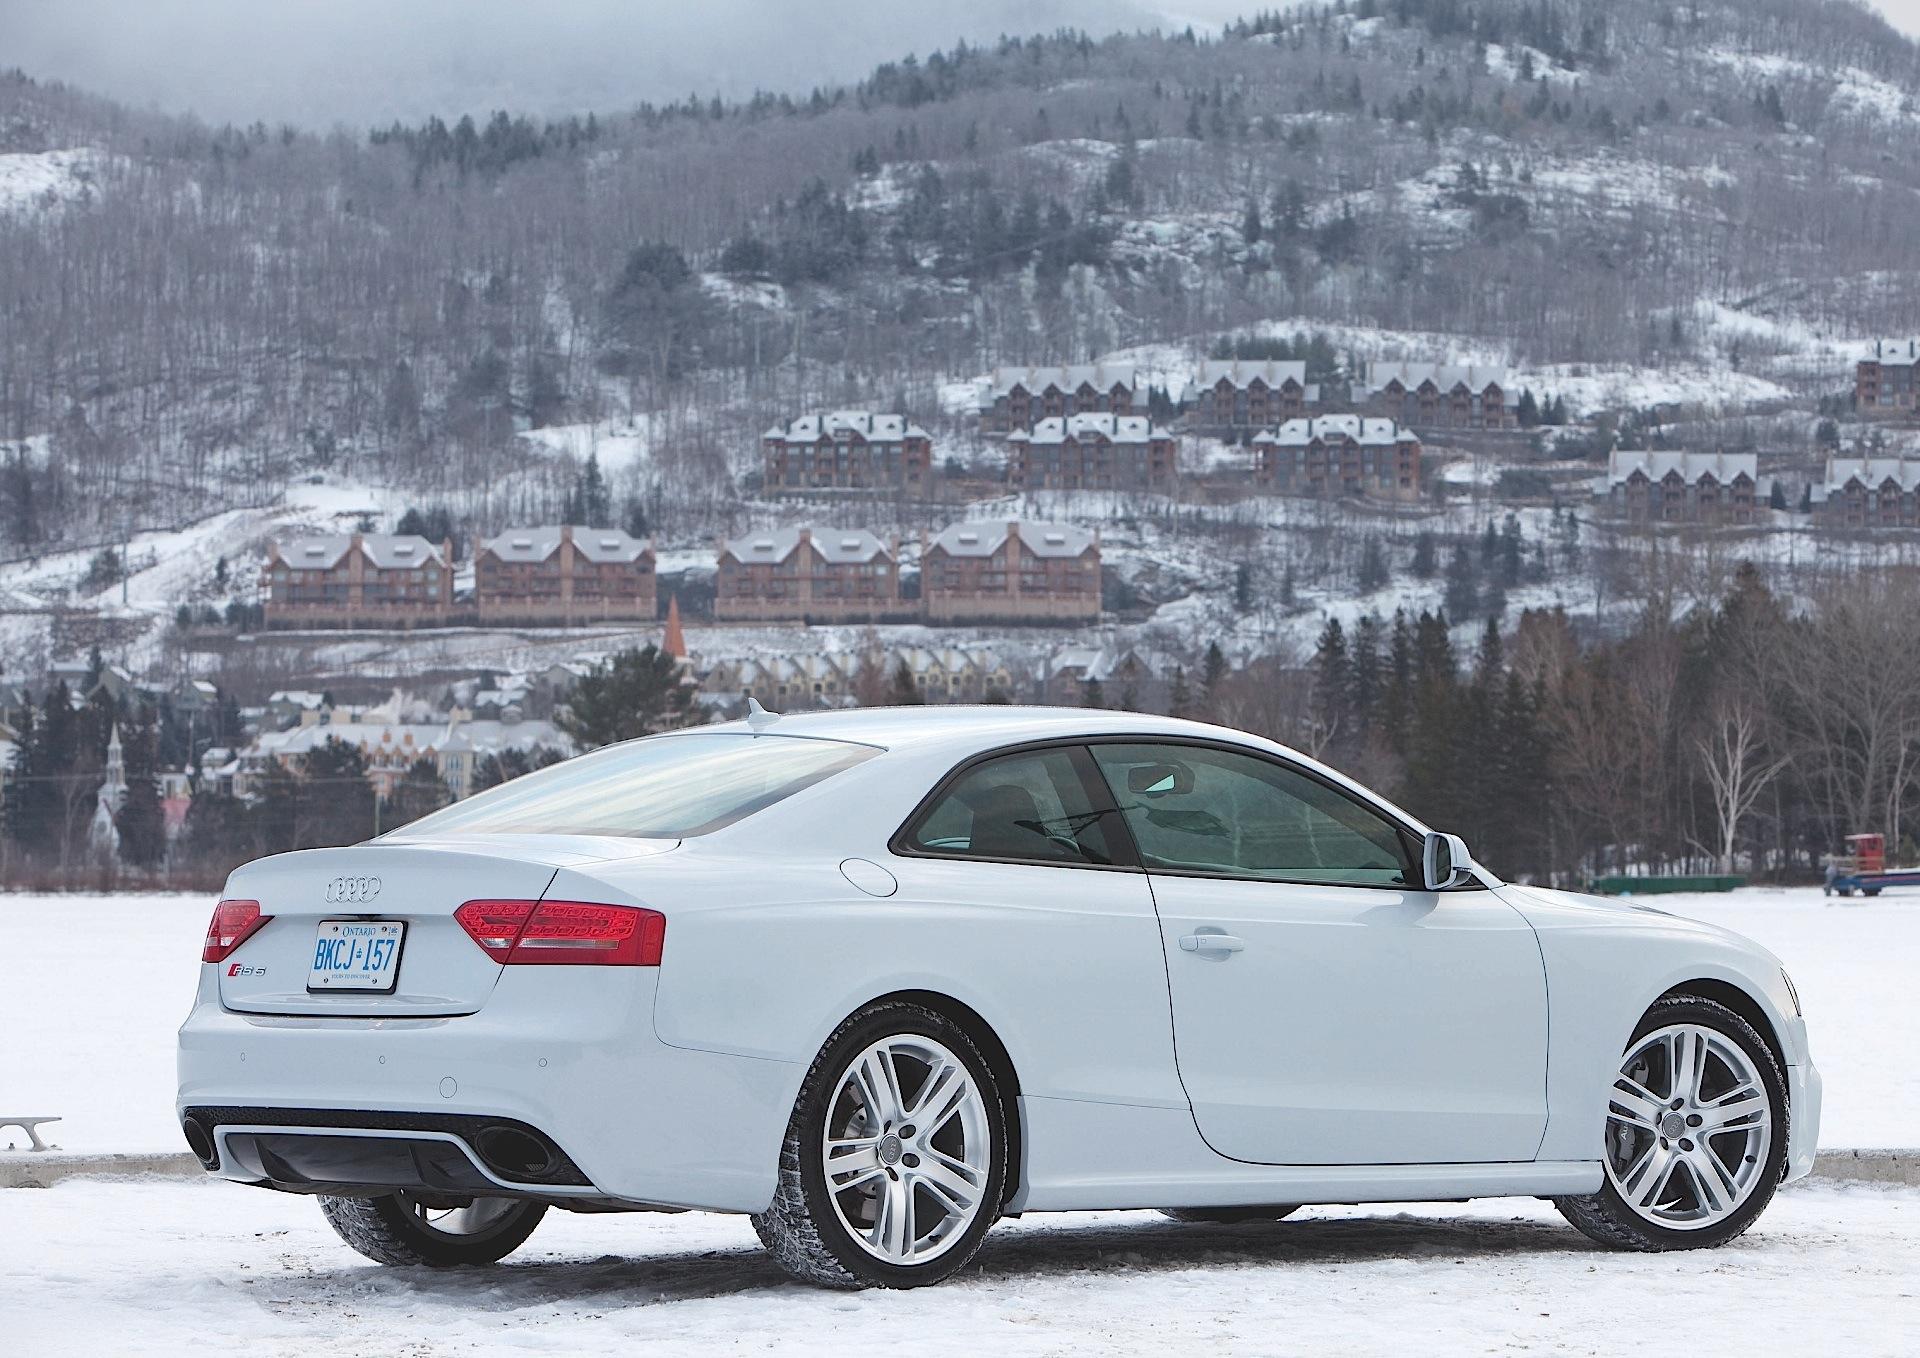 Kelebihan Kekurangan Audi Rs5 2014 Harga